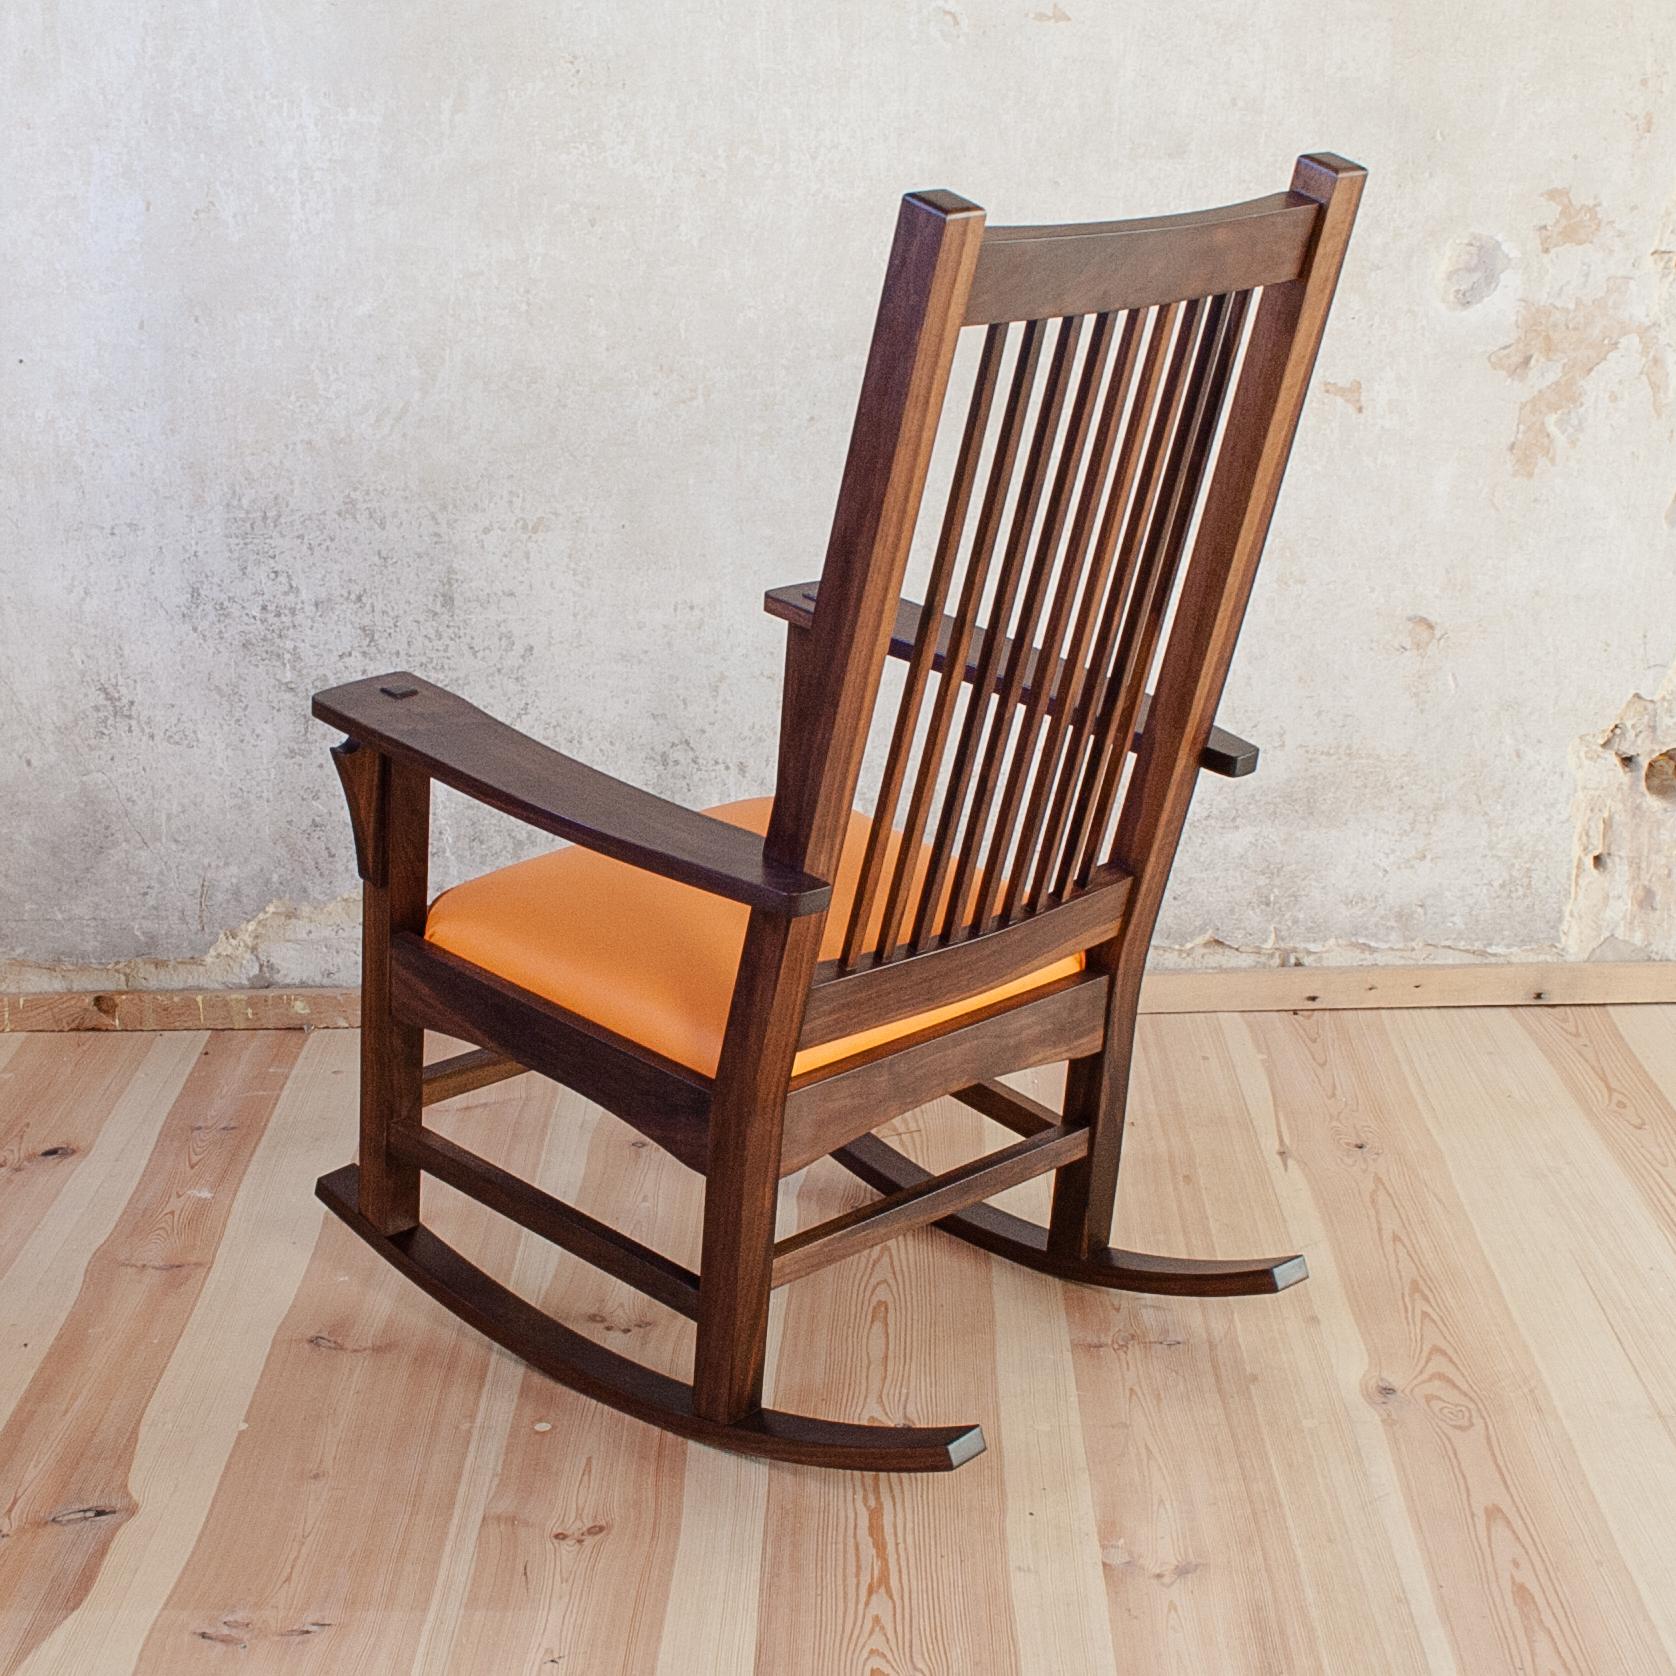 Schaukelstuhl aus schwarzem Walnußholz mit Kokosnuß Polsterung auf verwebten Gurten. Edler, sonnengelber Lederbezug.